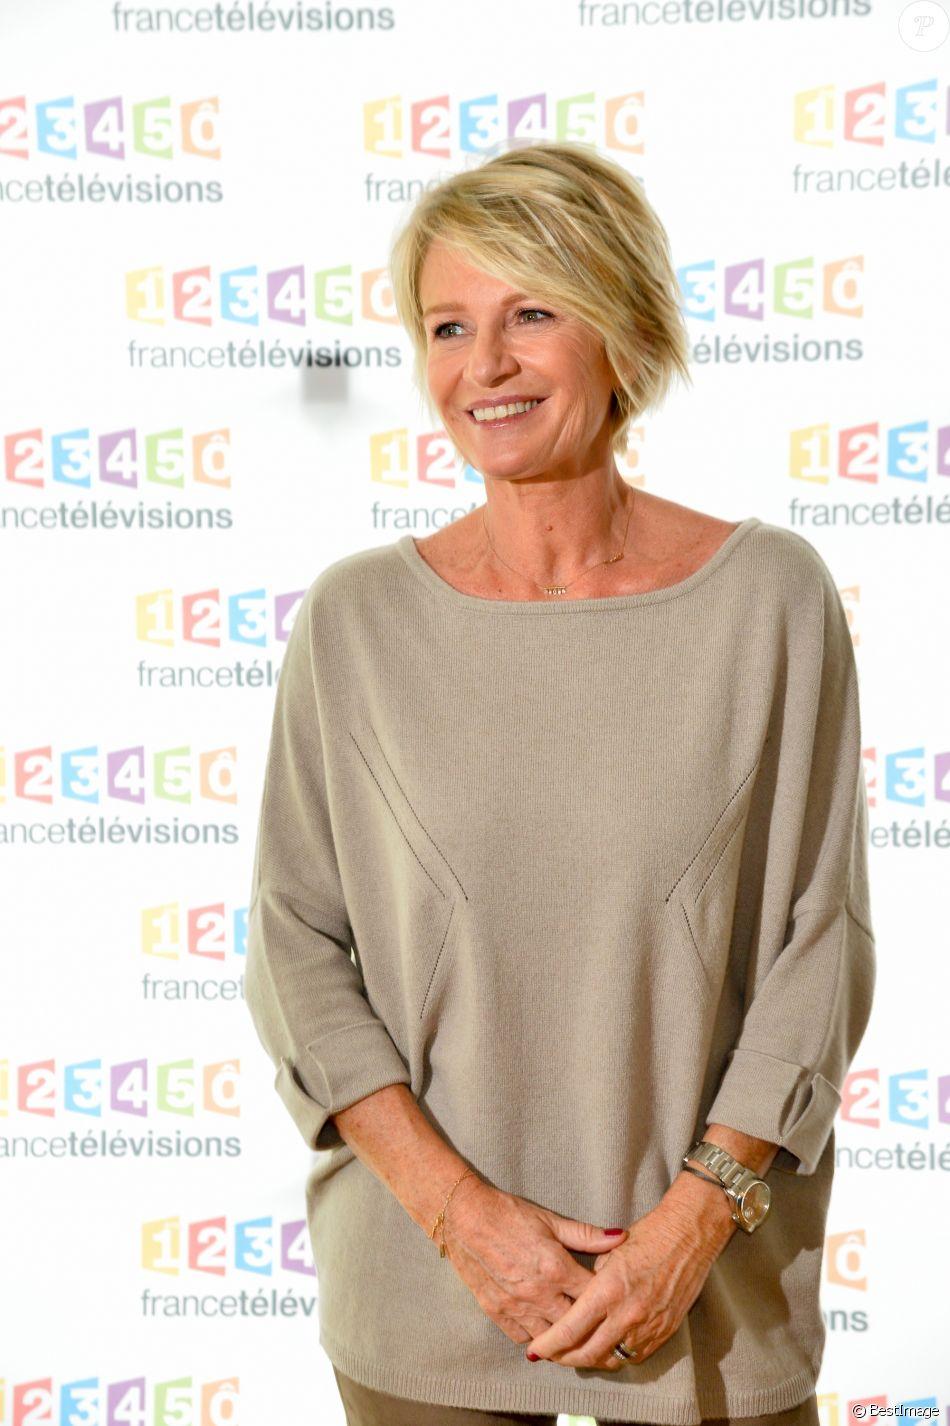 Sophie Davant à la conférence de presse du Téléthon 2016 dans les locaux de France 2 à Paris le 26 octobre 2016. © Coadic Guirec / Bestimage